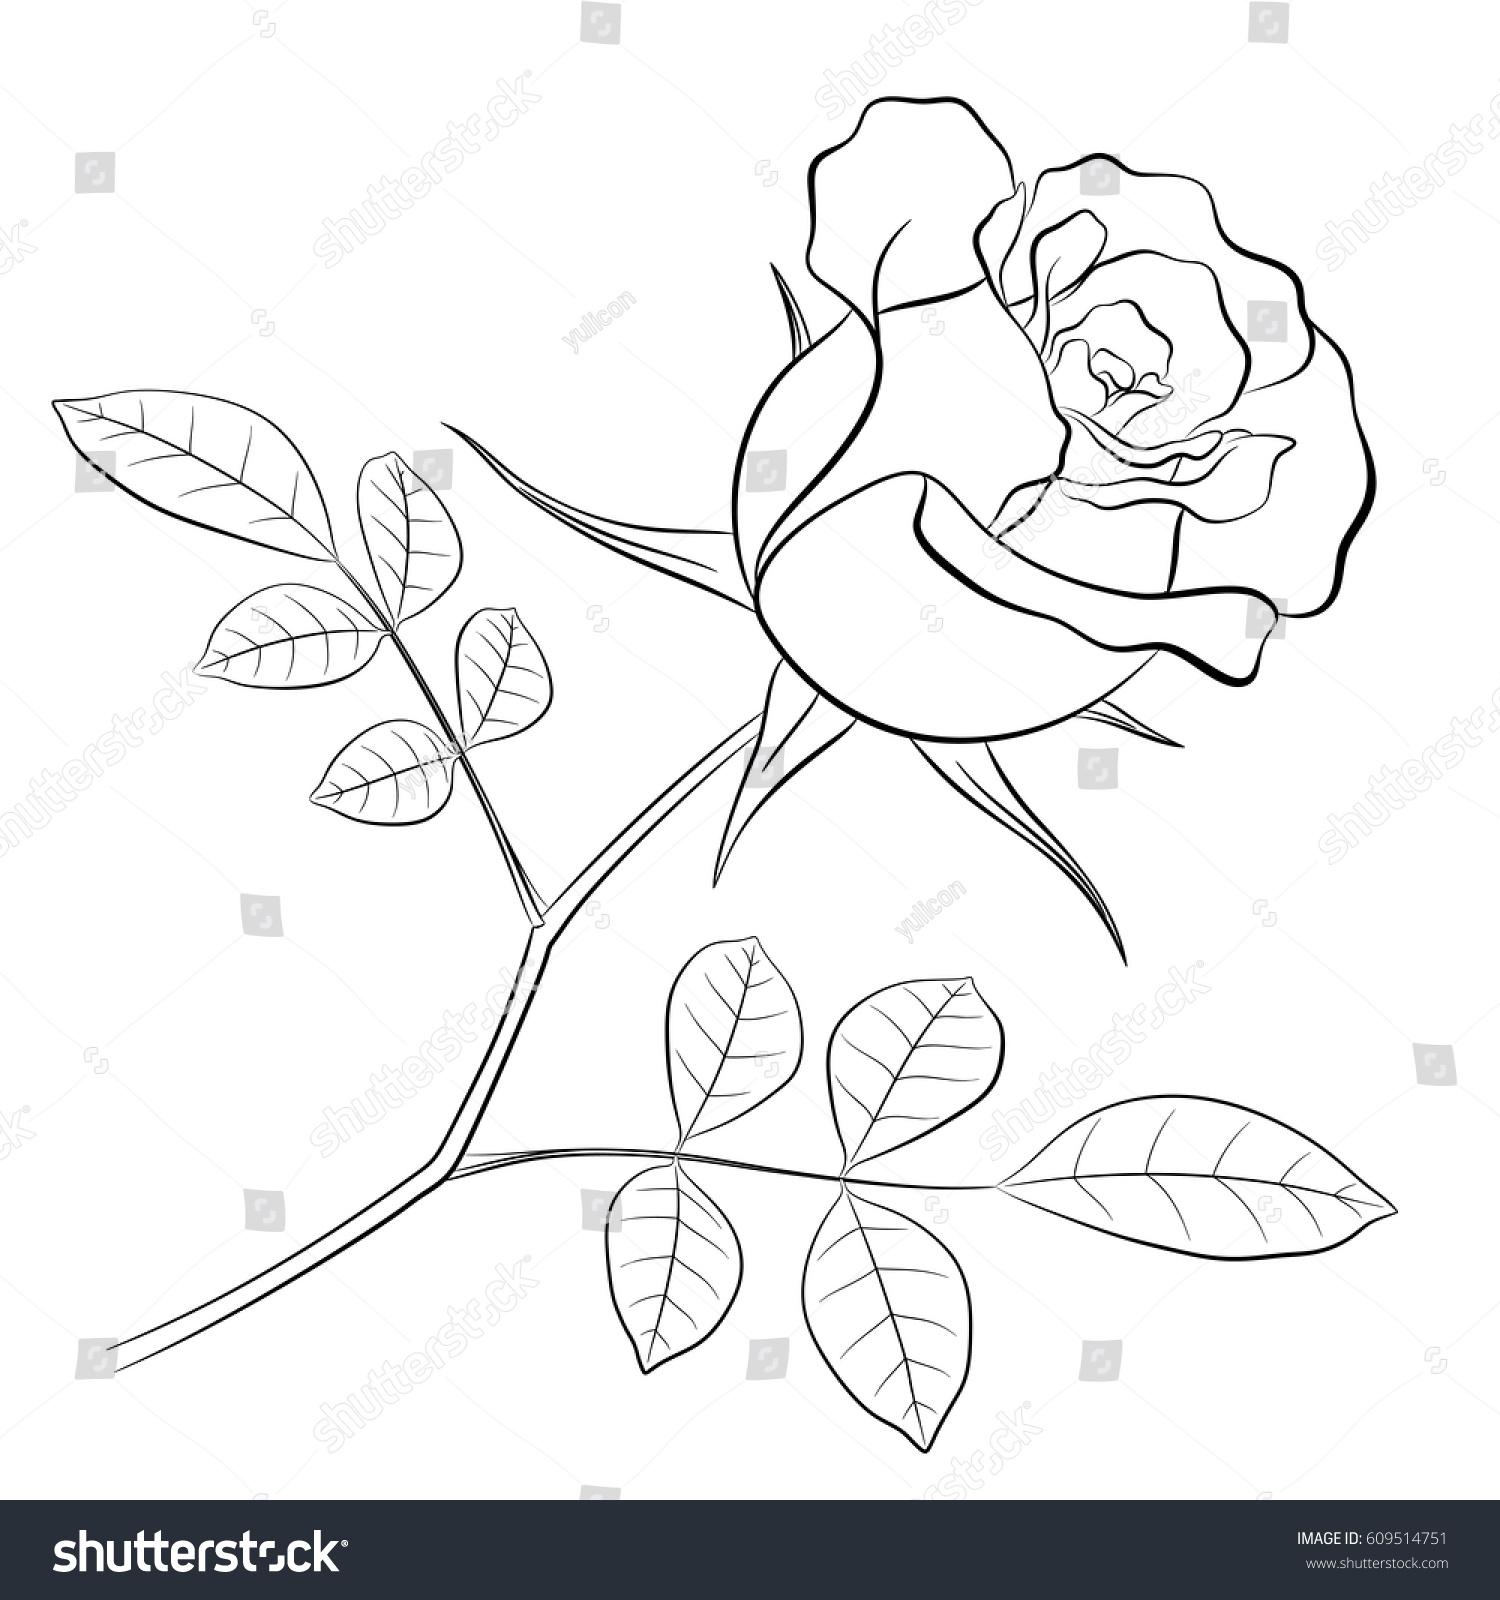 Black Outline Rose Flower Stem Two Stock Vector 609514751